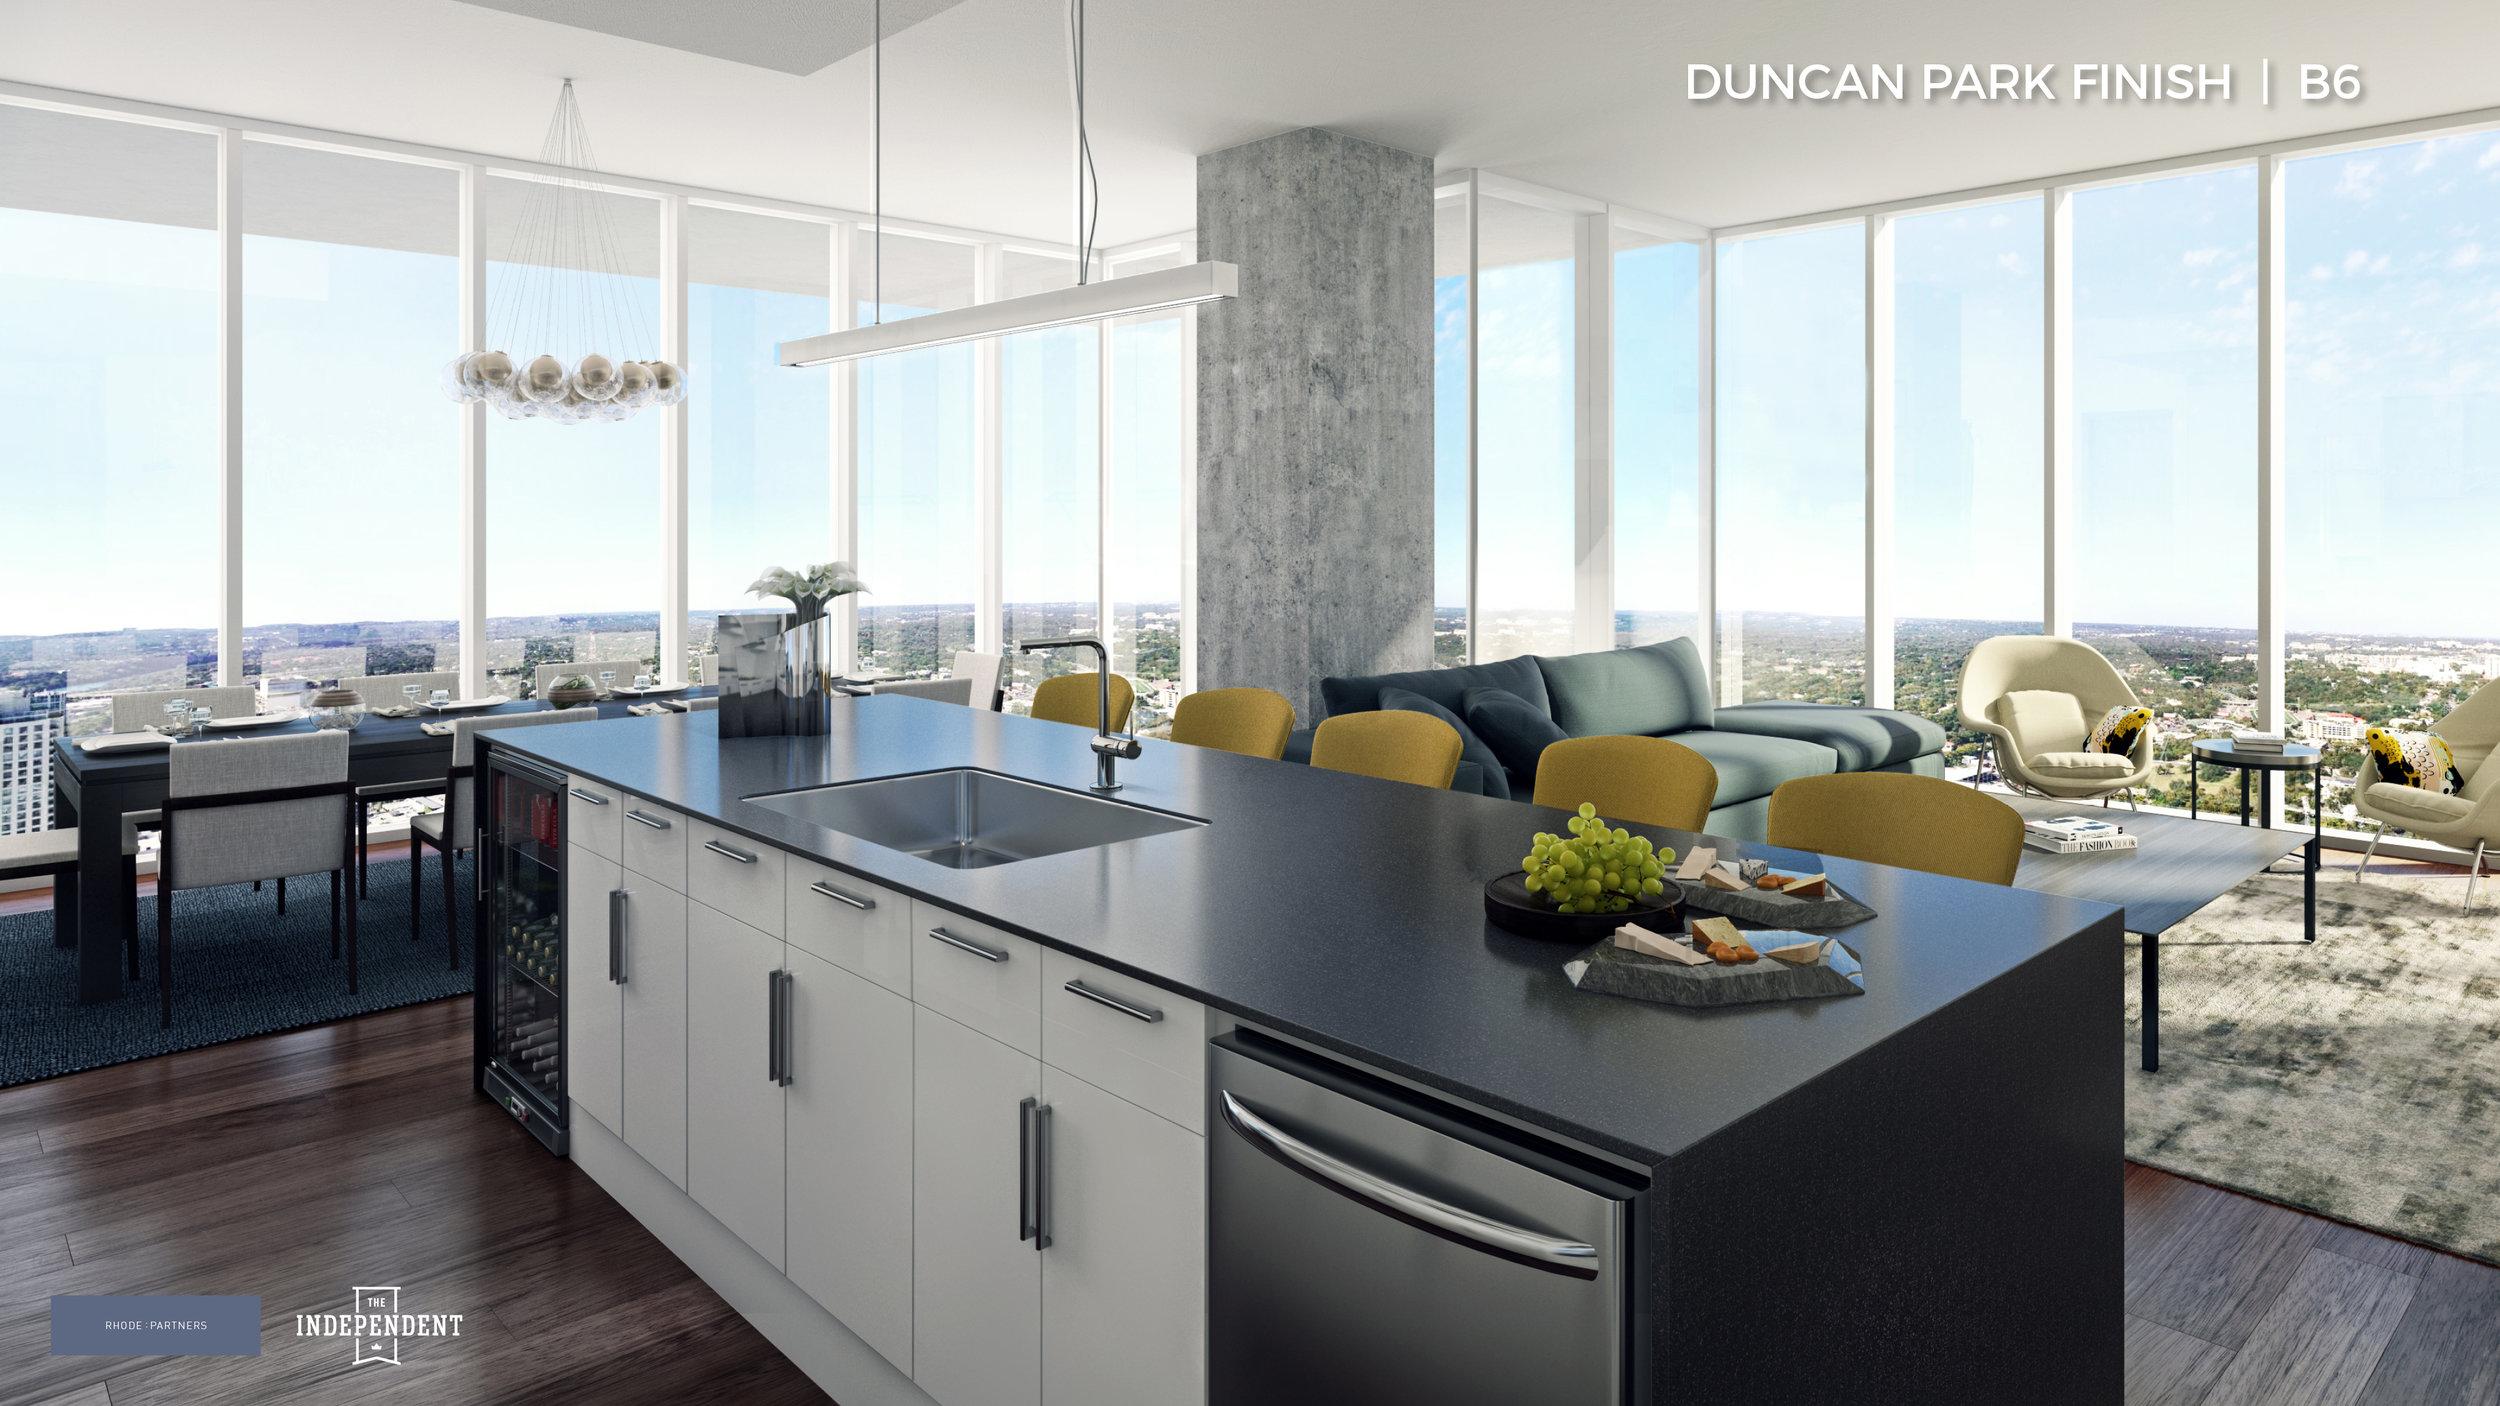 Interior Finishes 2 - Duncan Park B6 KLD.jpg